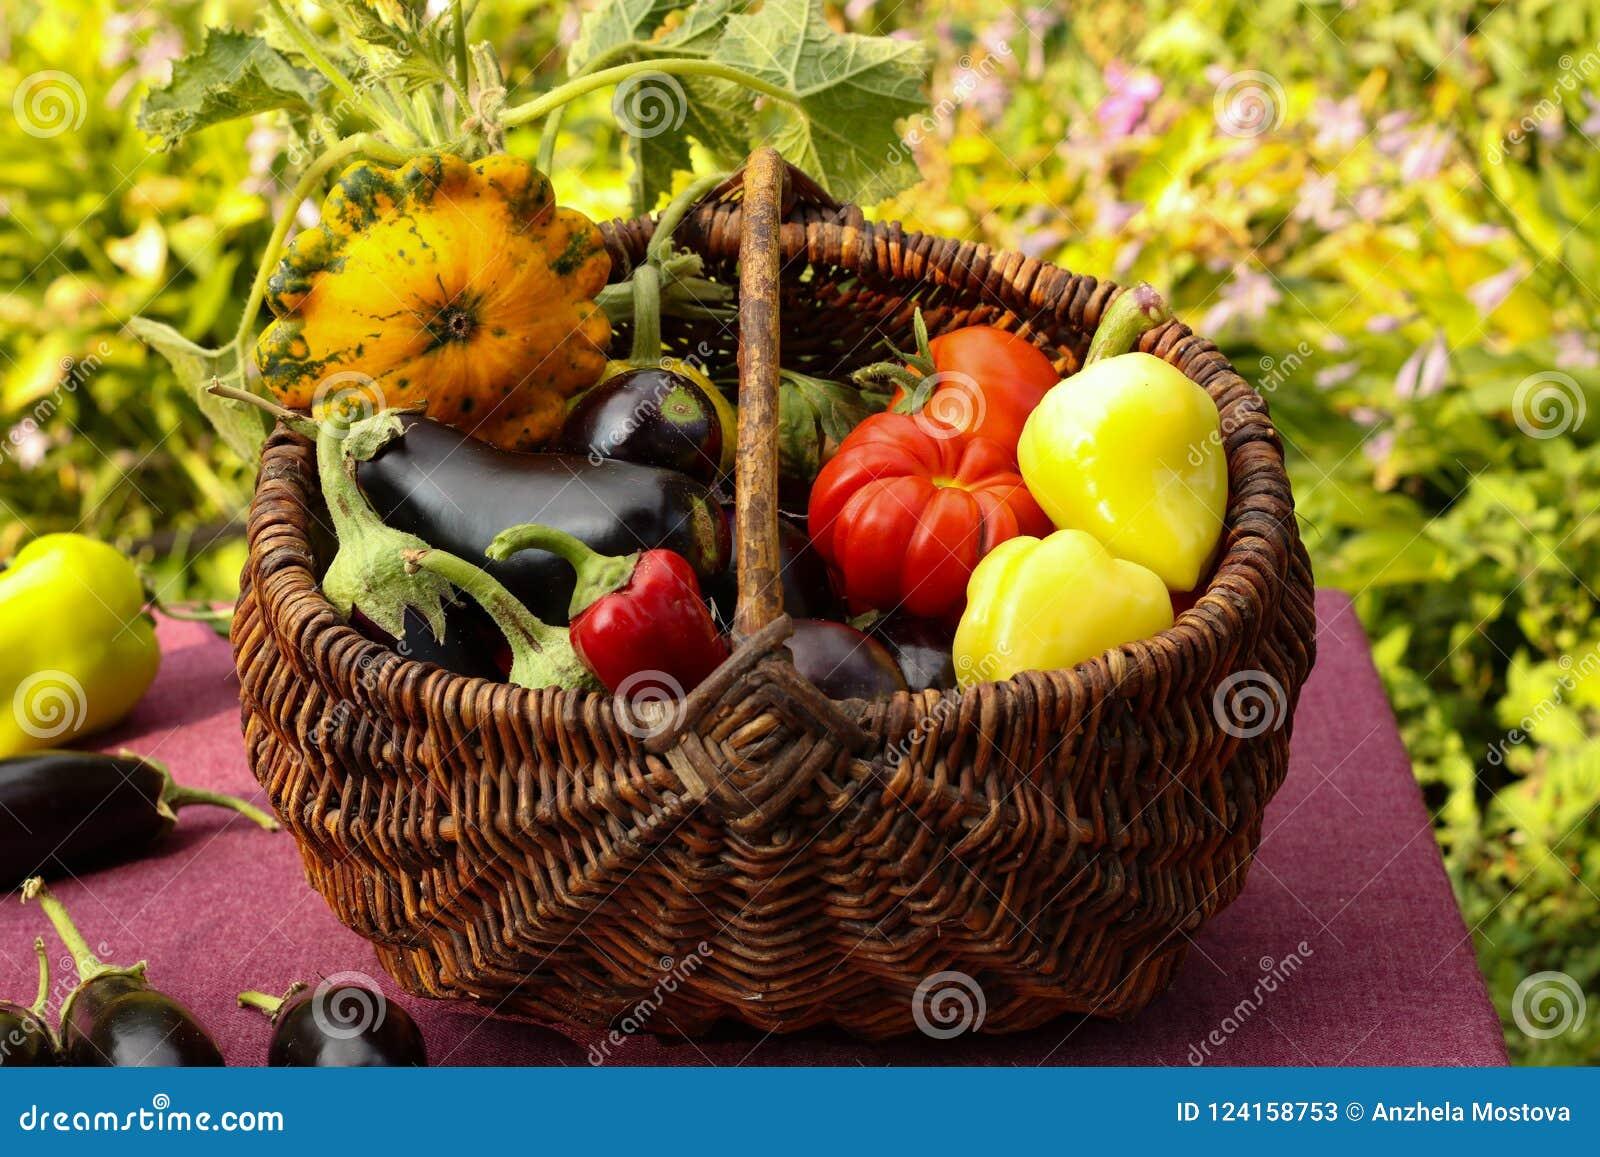 Συγκομιδή φθινοπώρου των λαχανικών σε ένα καλάθι στον κήπο